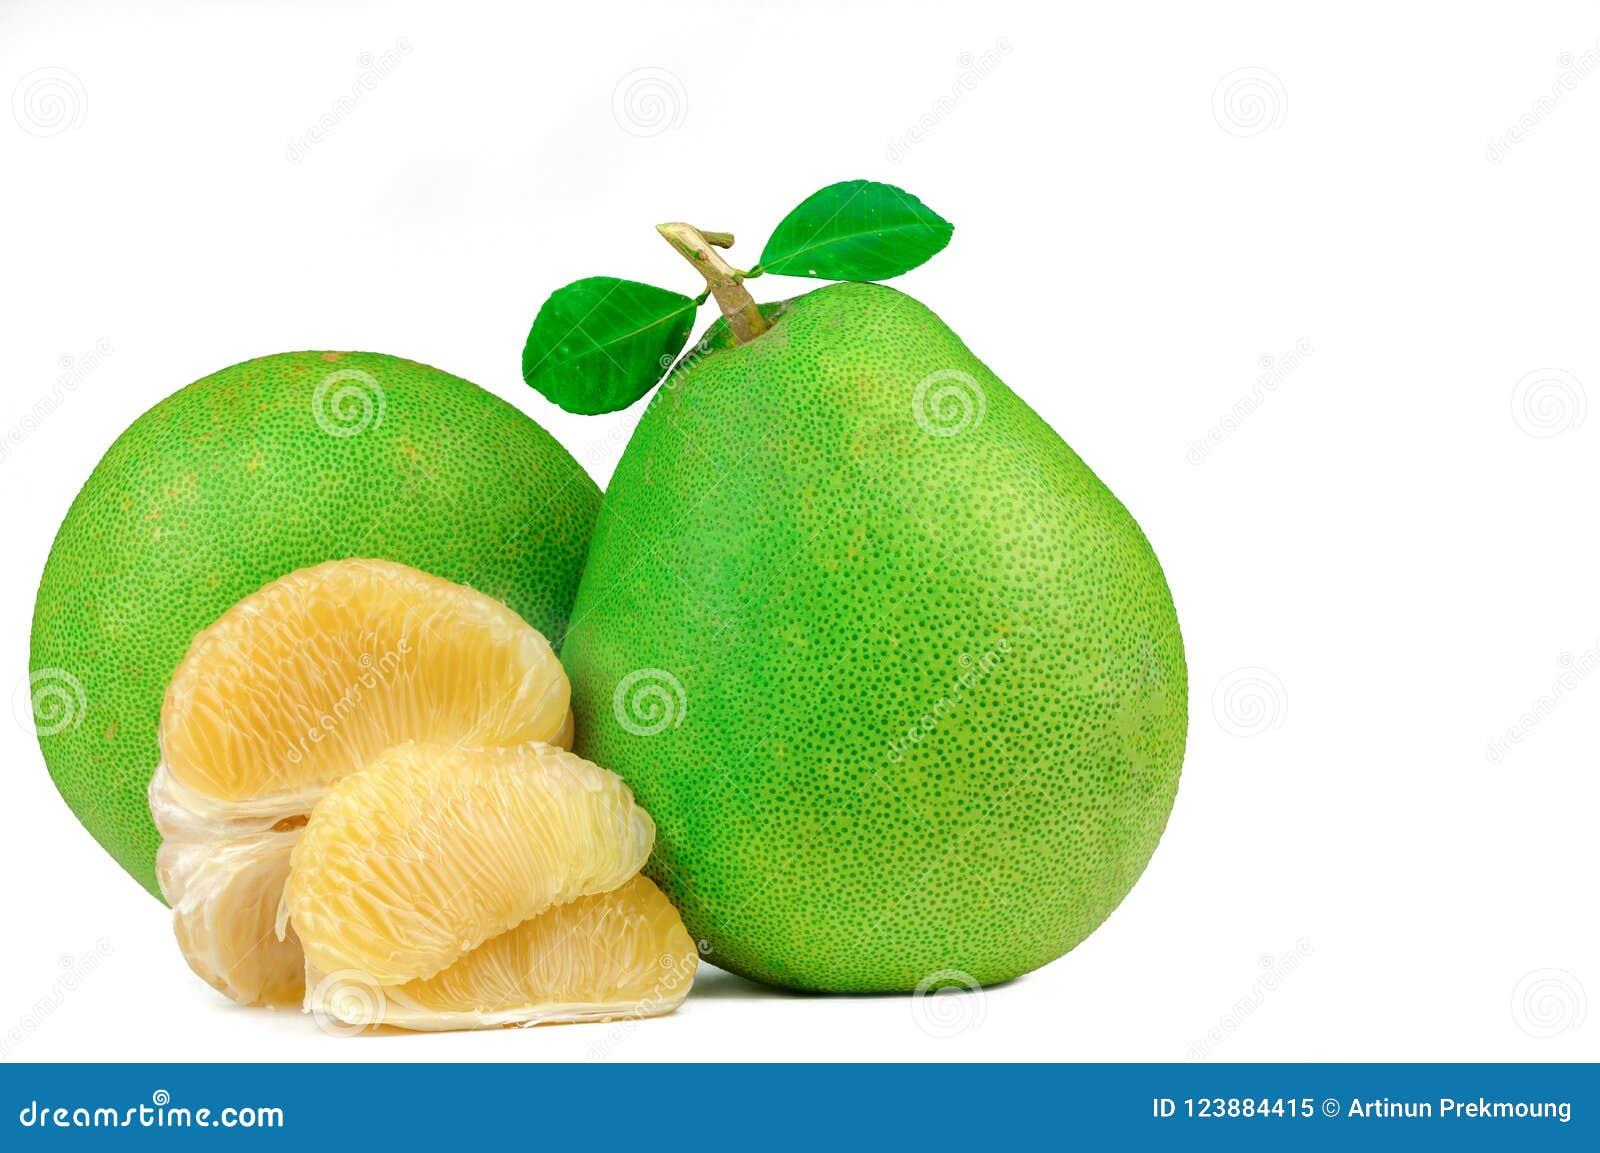 Pomelo braja bez ziaren odizolowywających na białym tle Tajlandia pomelo owoc Naturalny źródło witamina C i potas Zdrowy